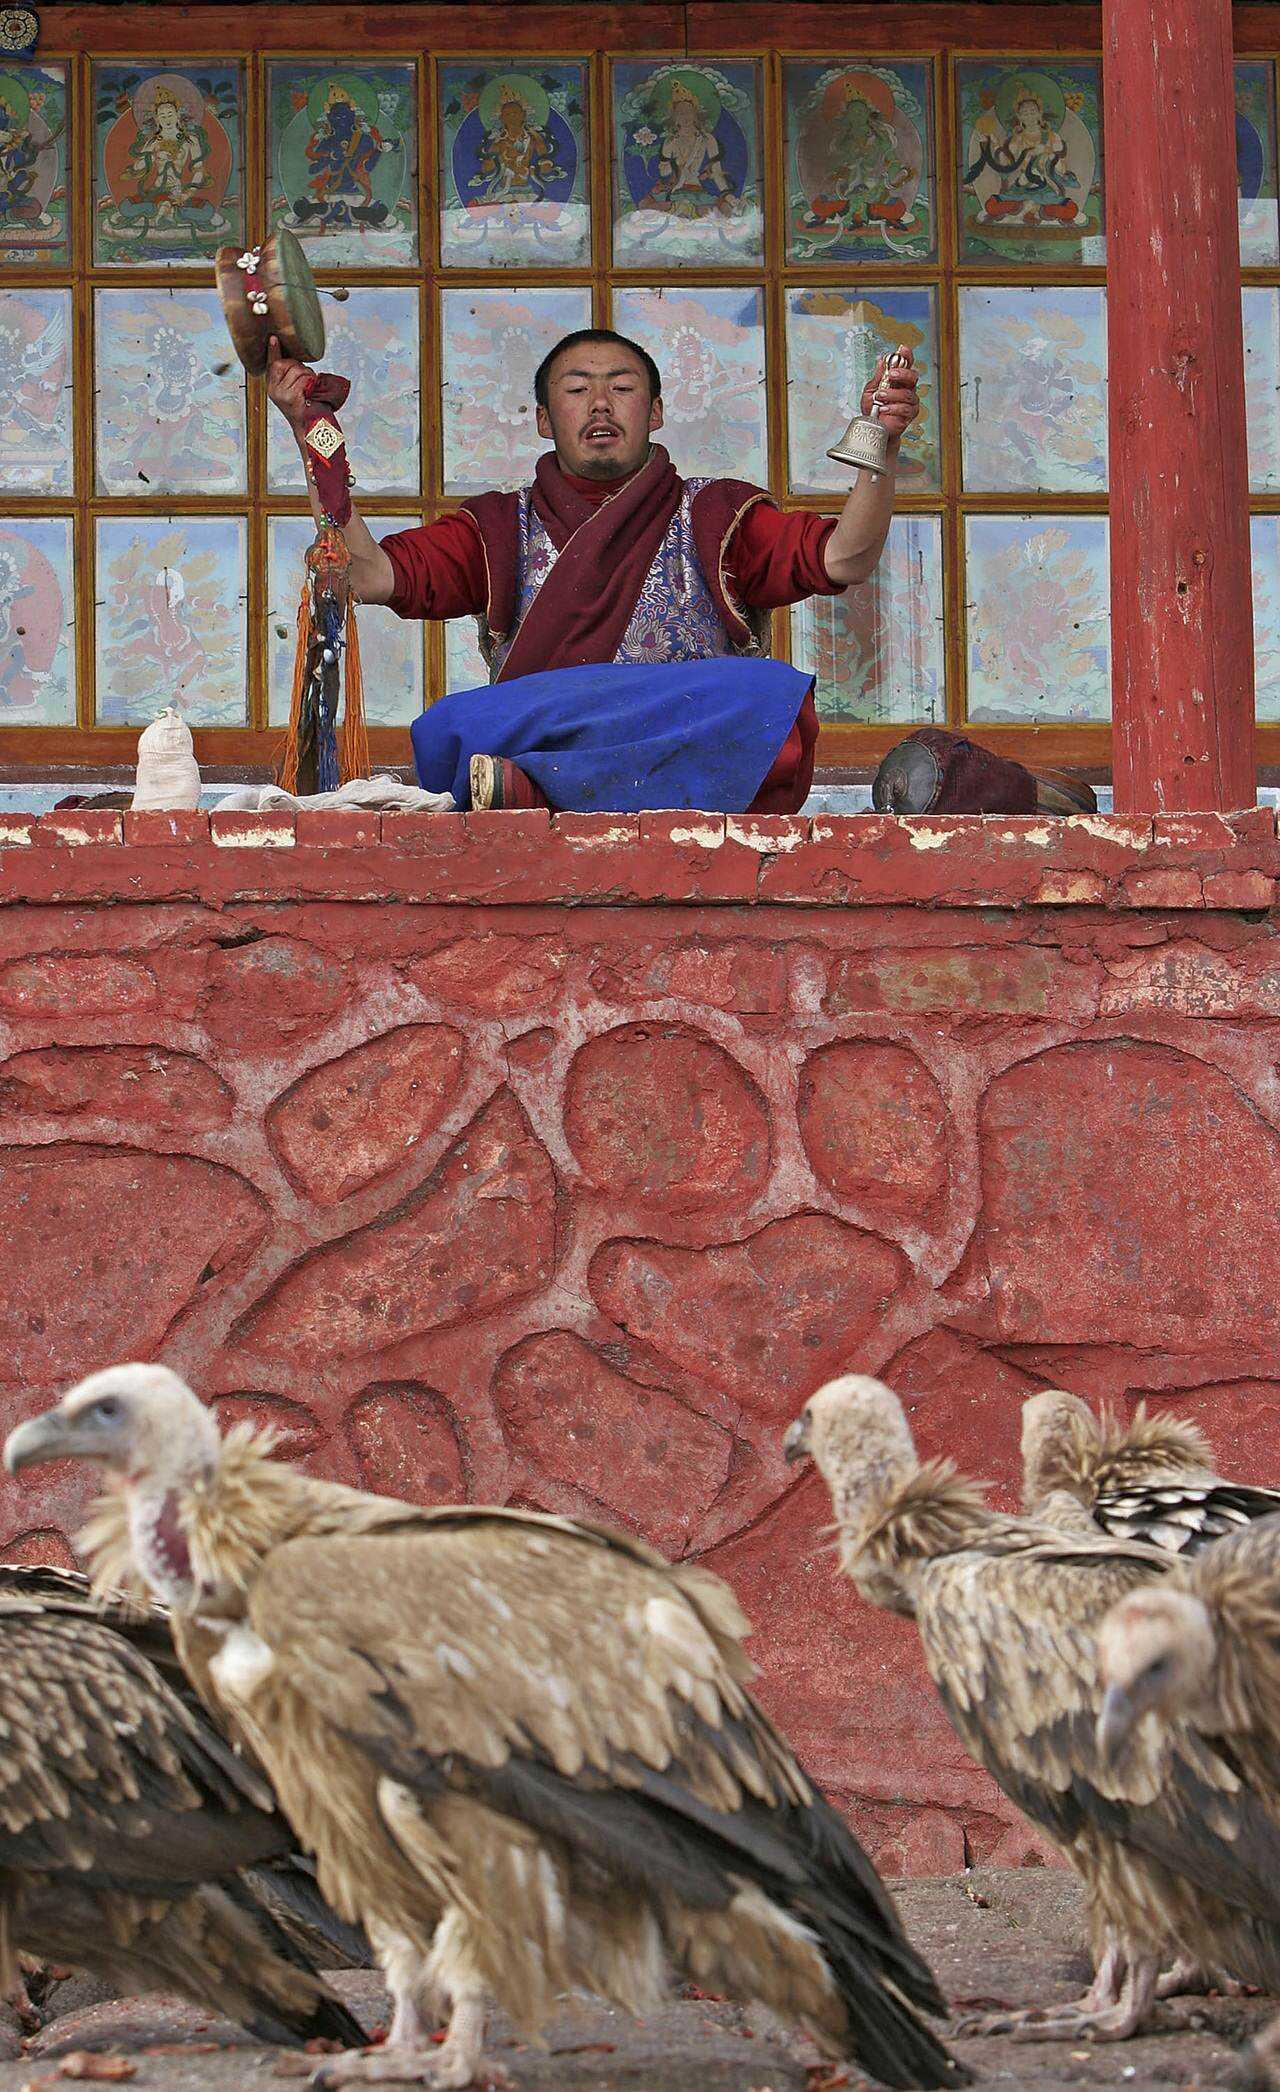 0 ef735 f0a7d448 orig Sepultamento celestial no Tibete (AVISO: não recomendado para pessoas impressionáveis)